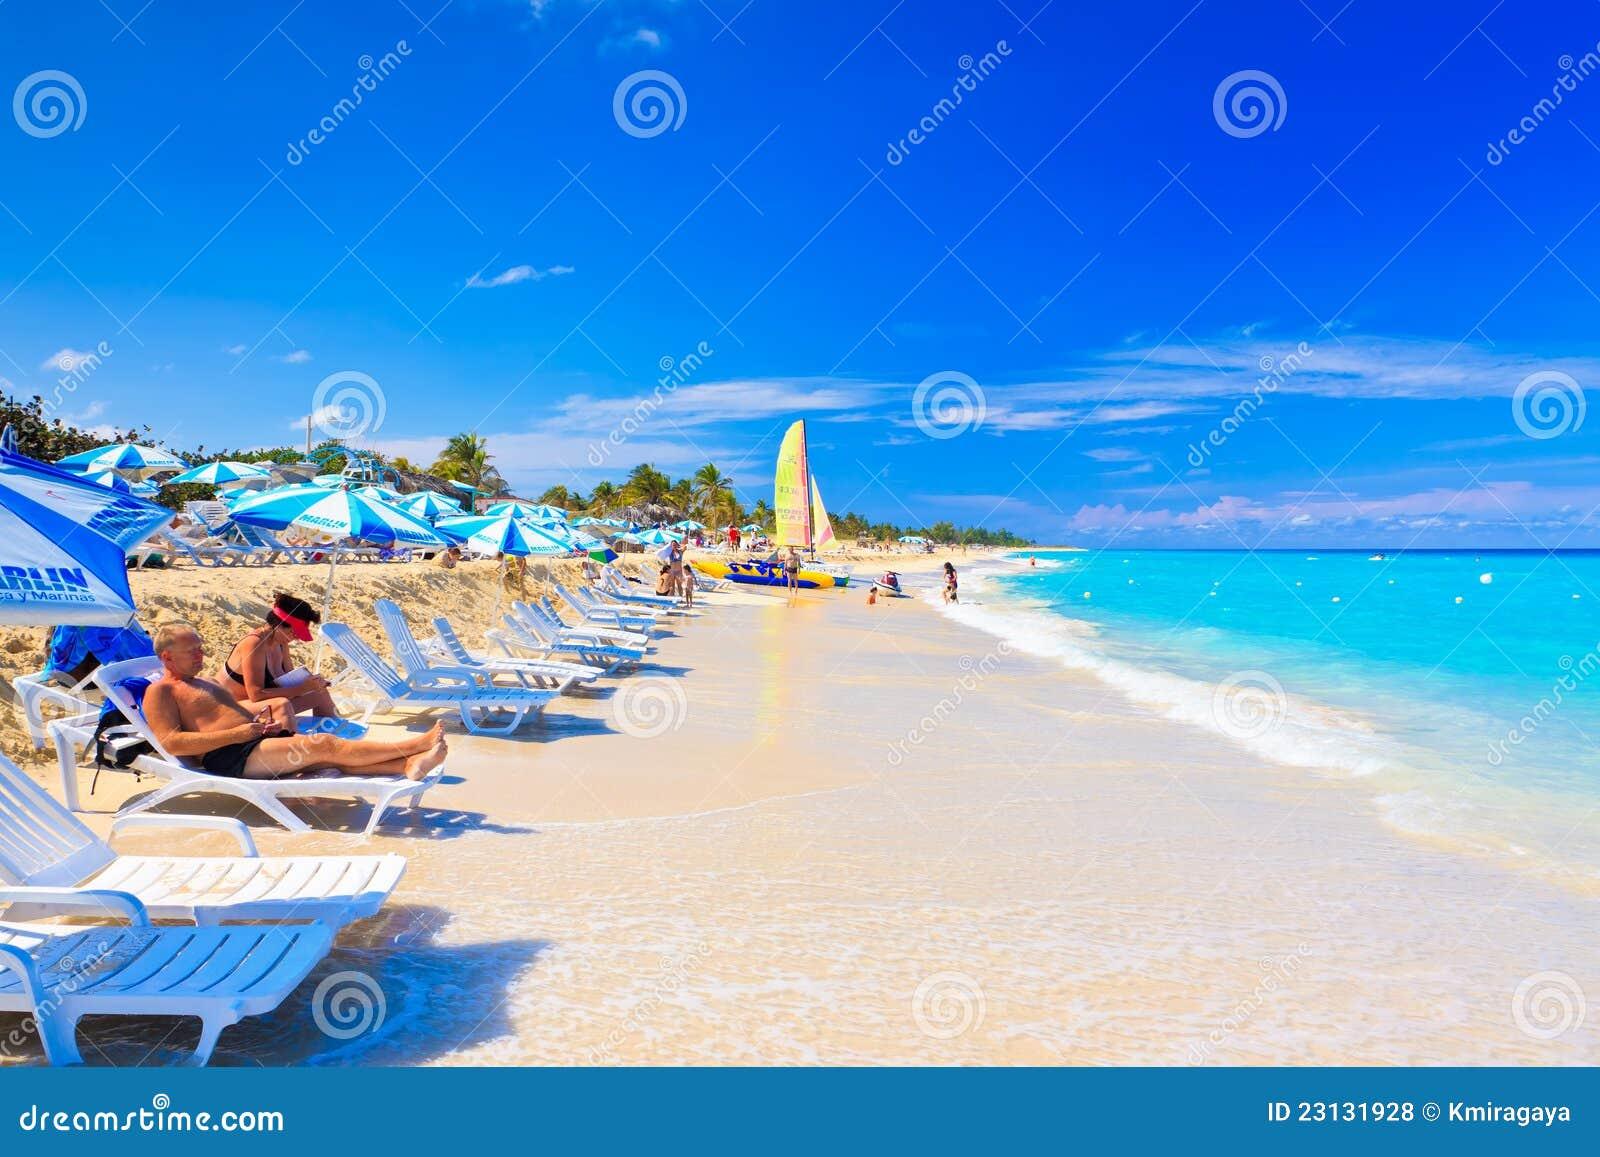 Turisti alla spiaggia di varadero in cuba fotografia stock for 3 piani di design da spiaggia